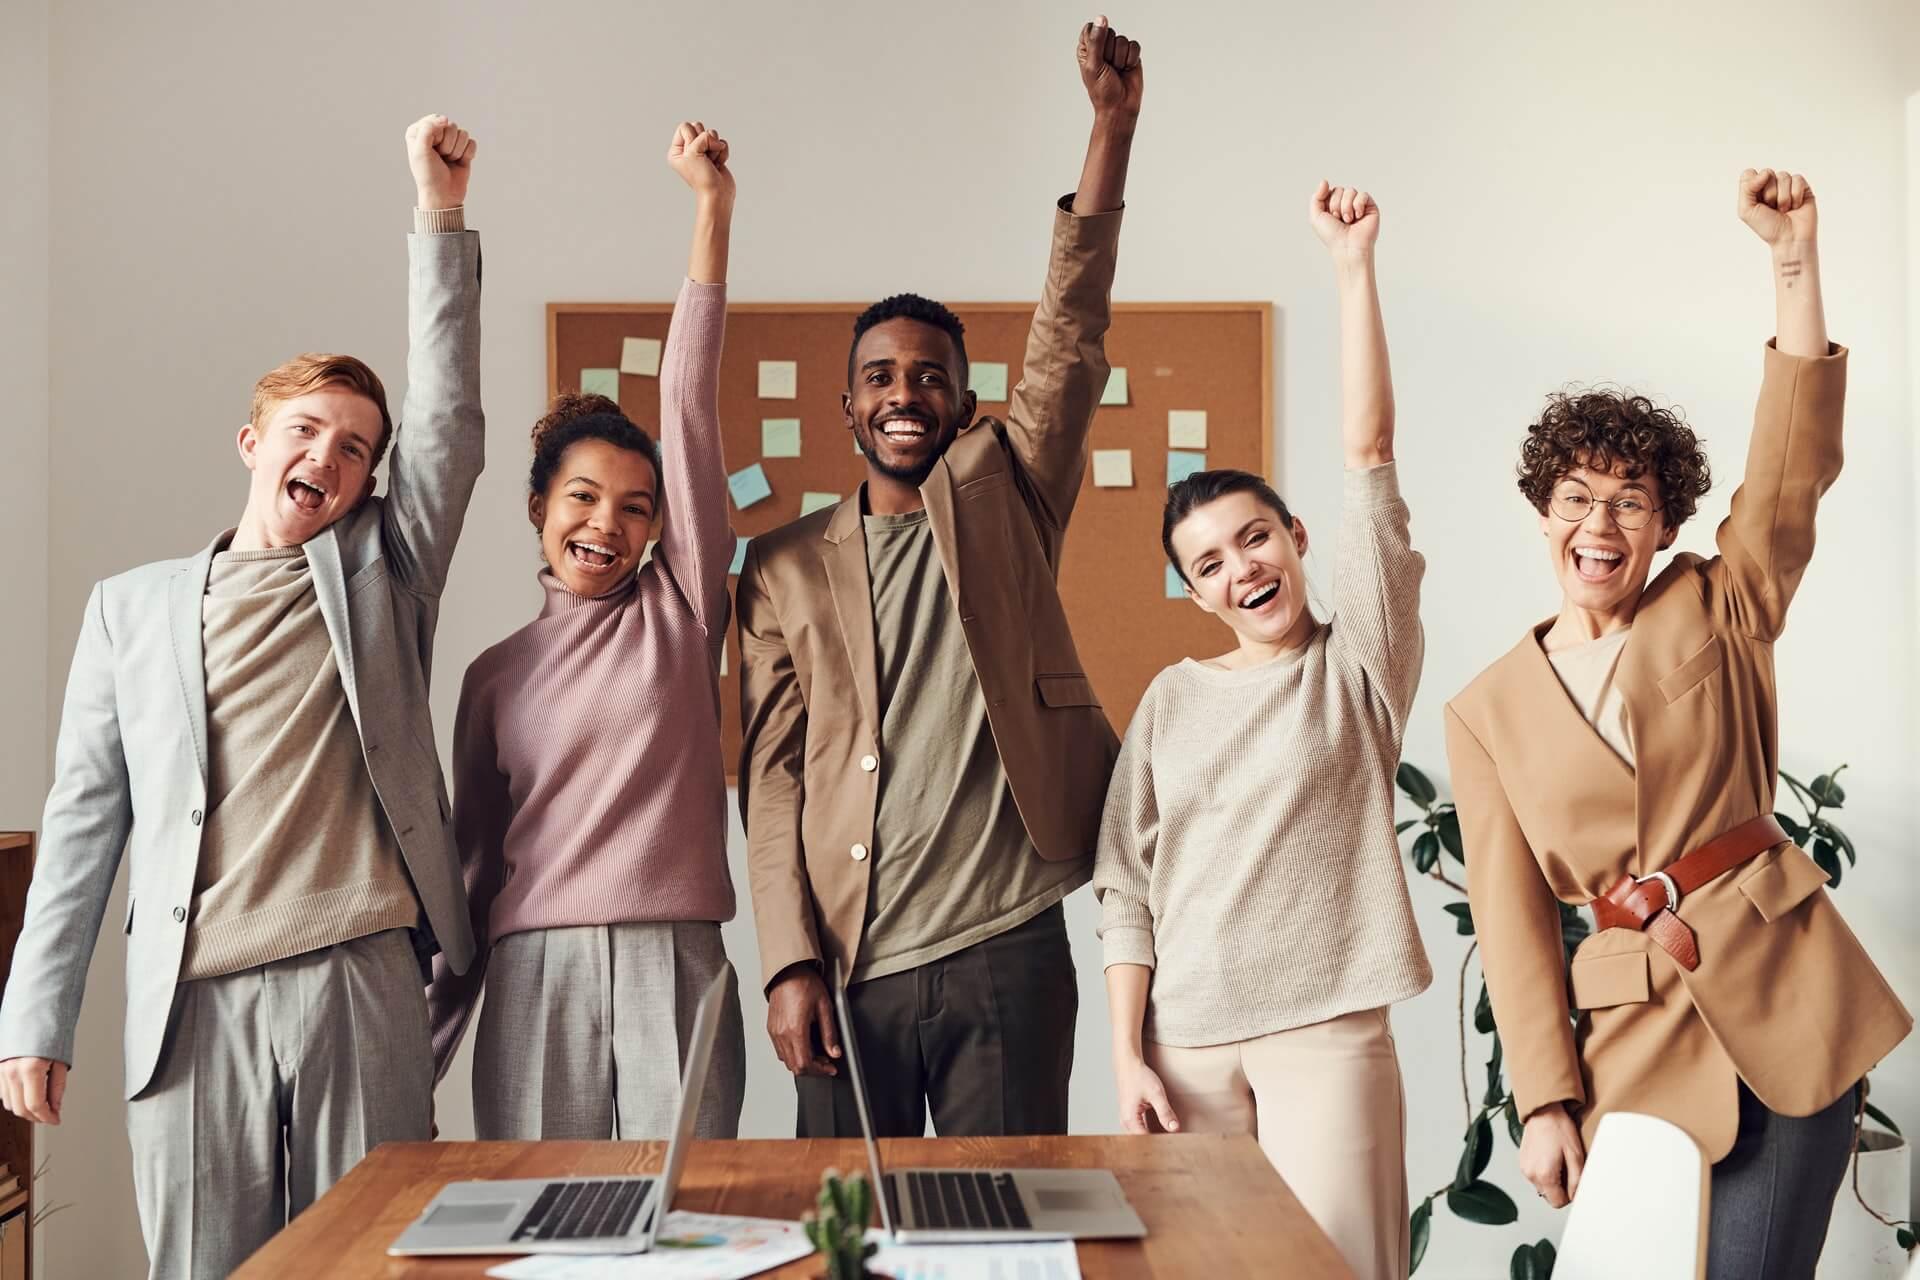 cinq jeunes gens qui fêtent leur succès et leur joie d'avoir booster la confiance en eux au travail